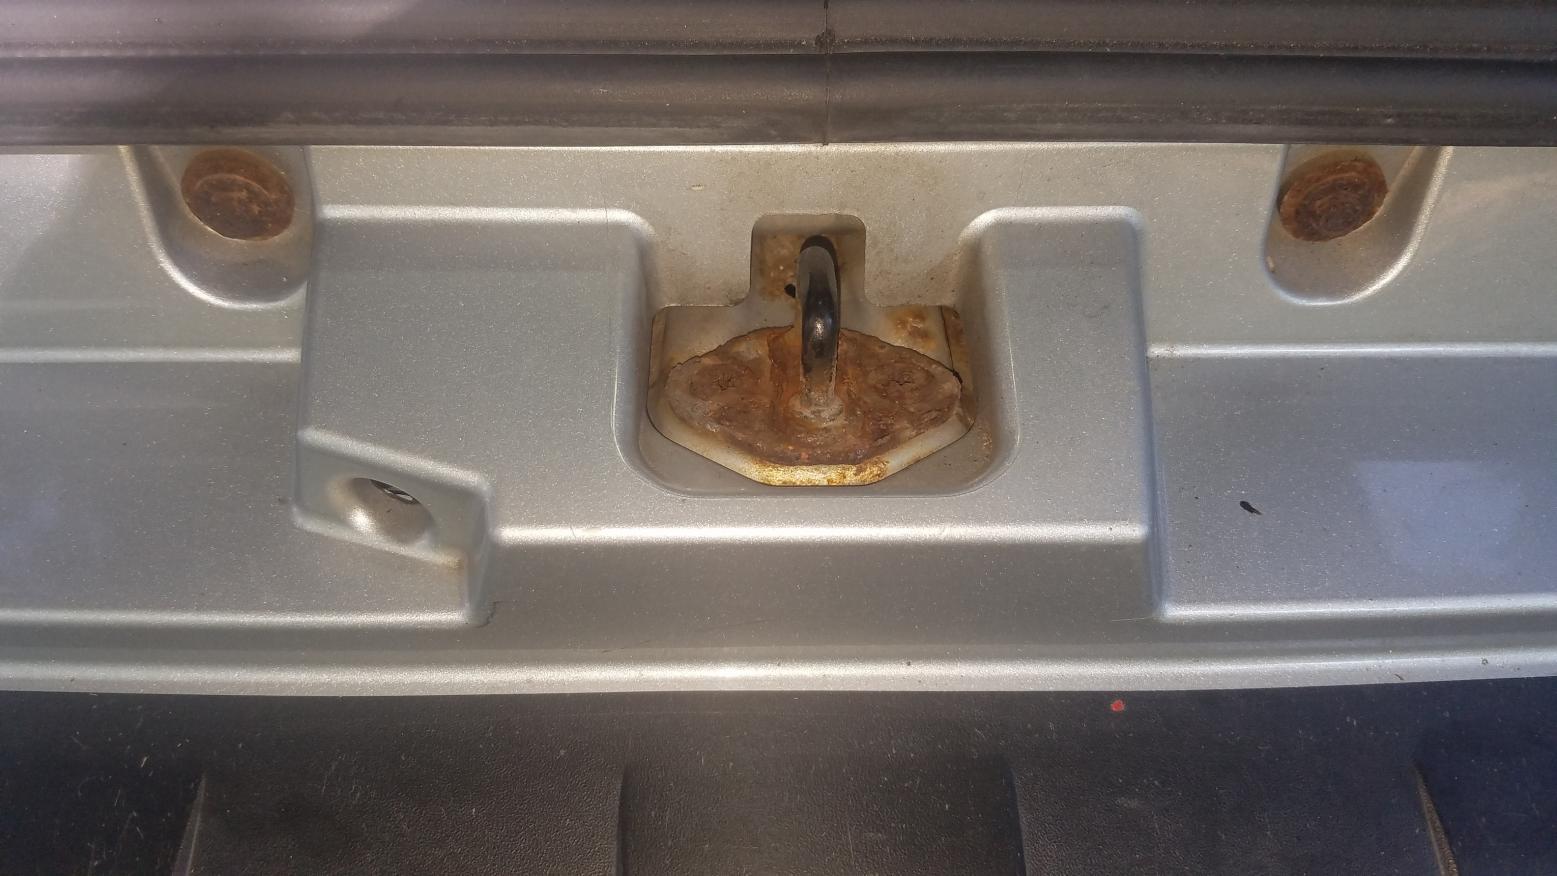 Rusted tailgate strike plate - need OEM part #-4runner-strikeplate-jpg